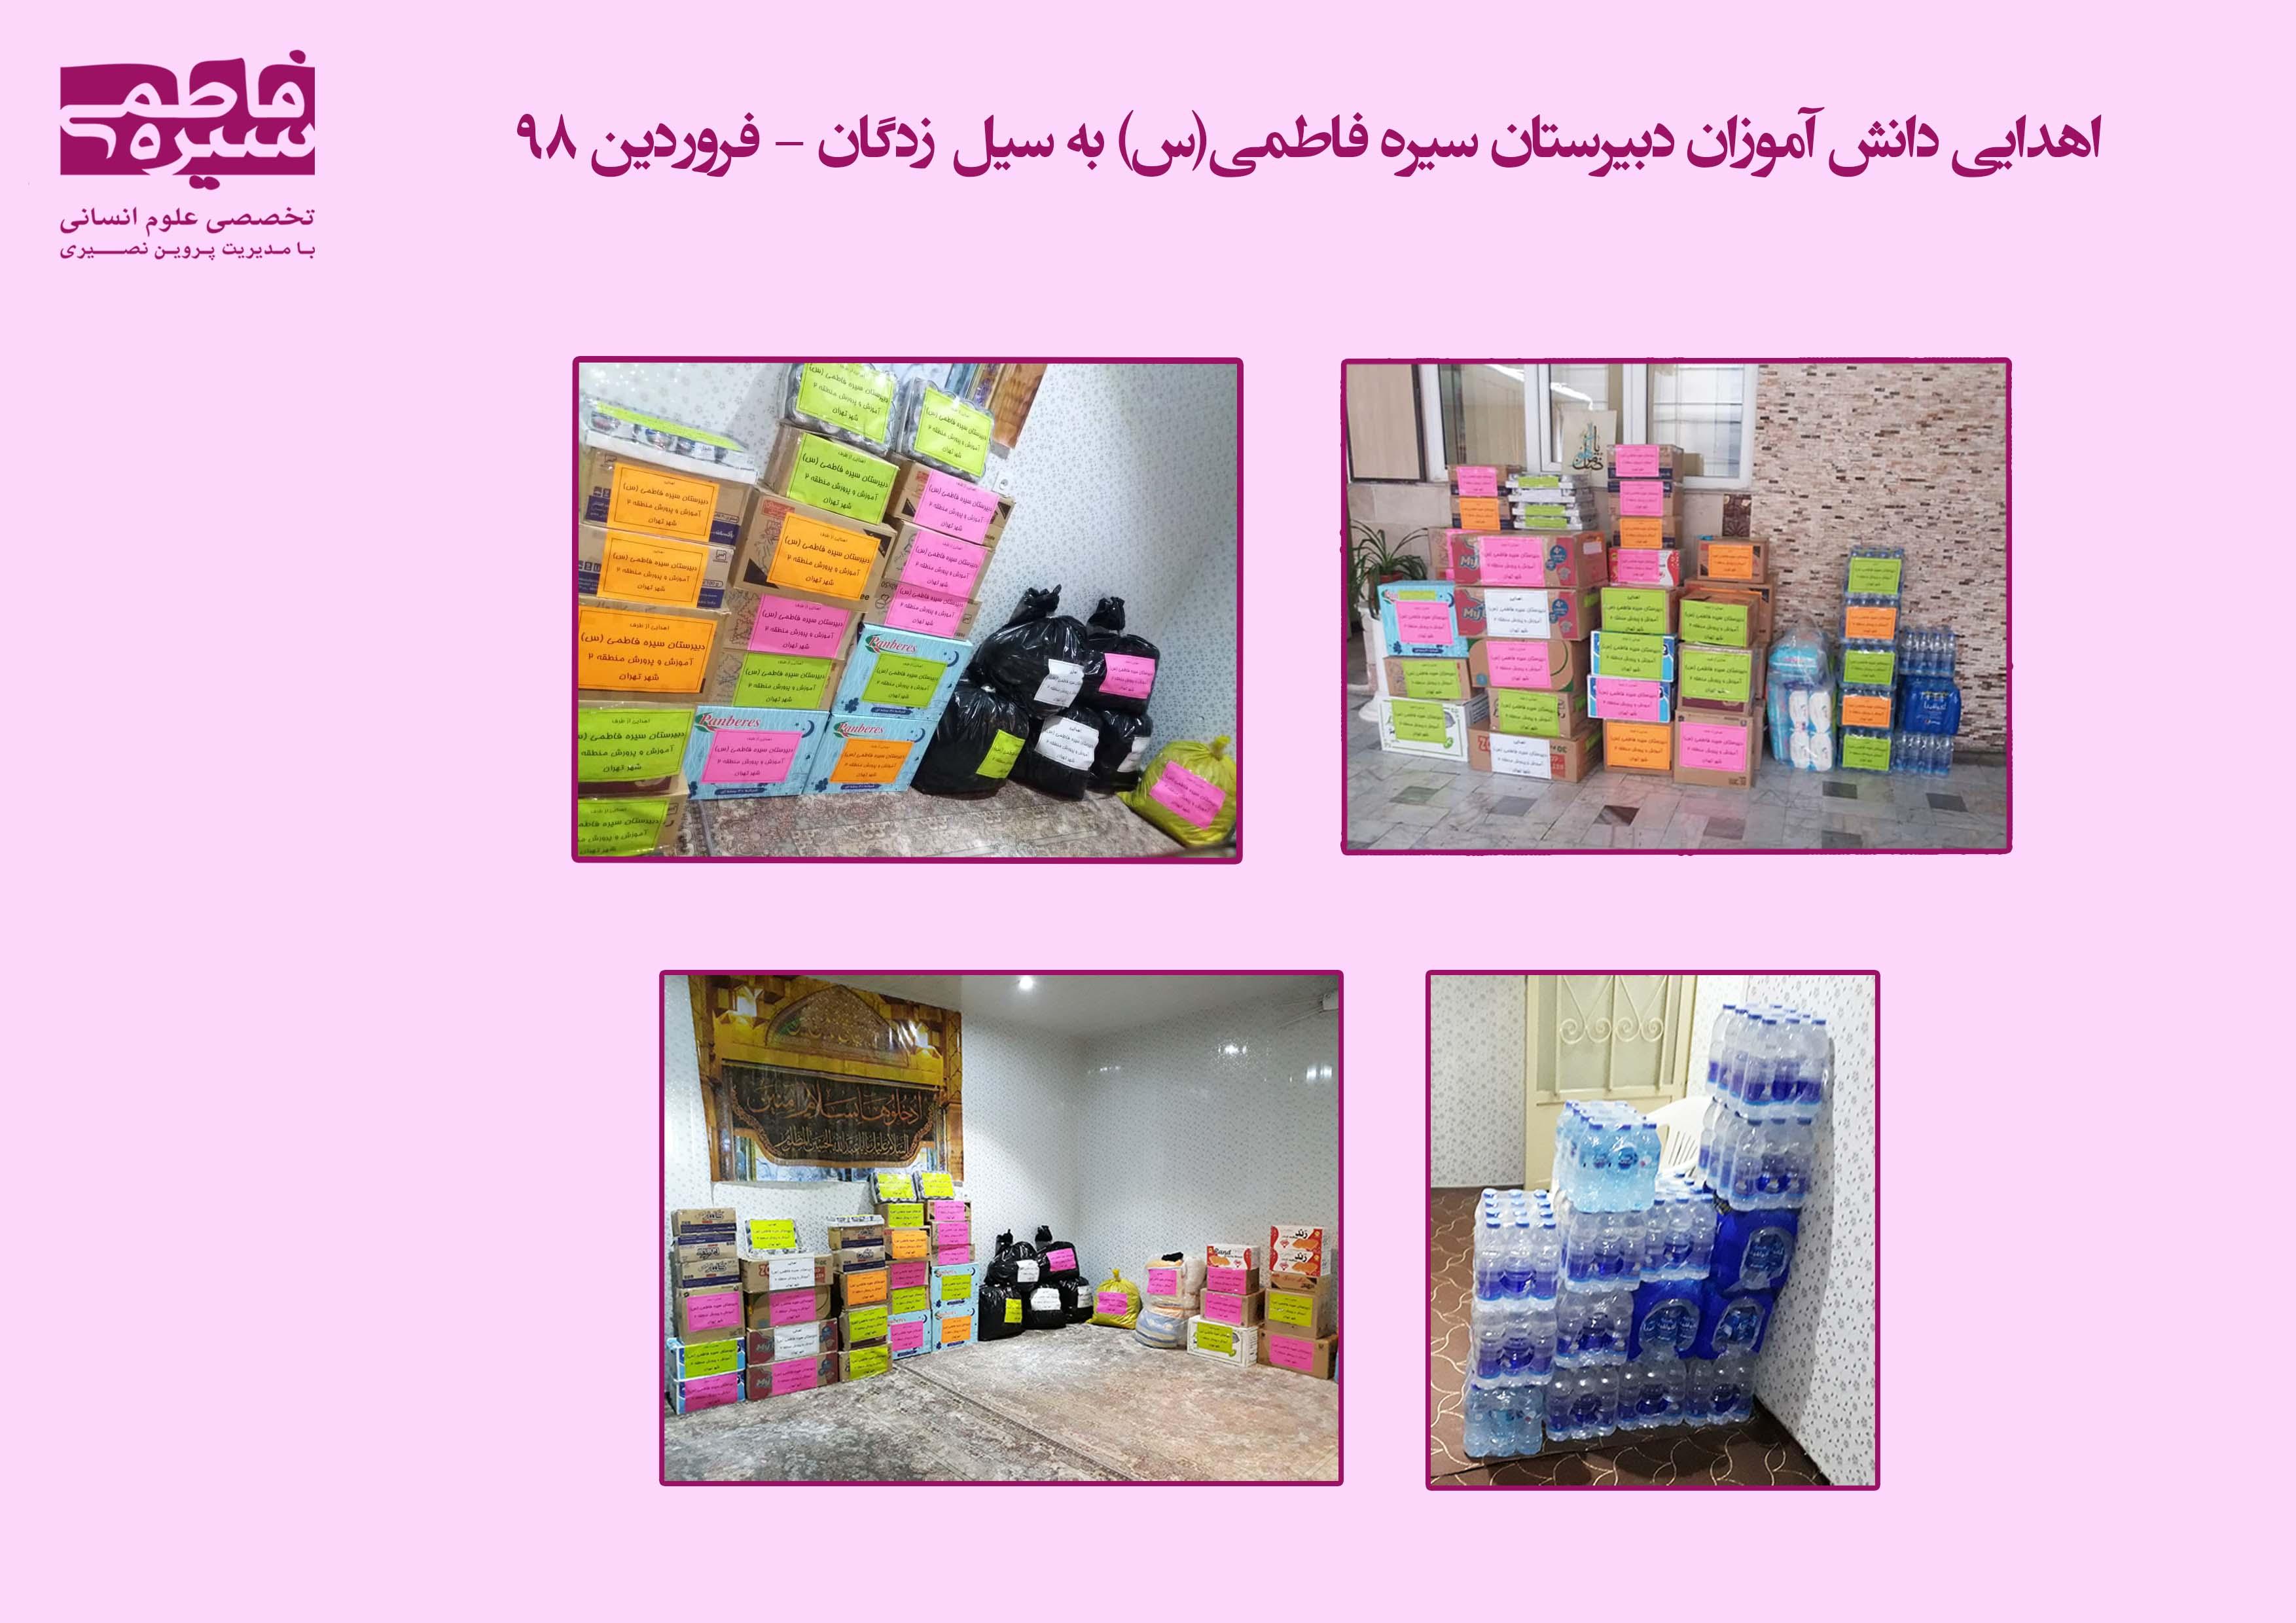 اهدایی دانش آموزان دبیرستان سیره فاطمی(س) به سیل زدگان – فروردین ۹۸